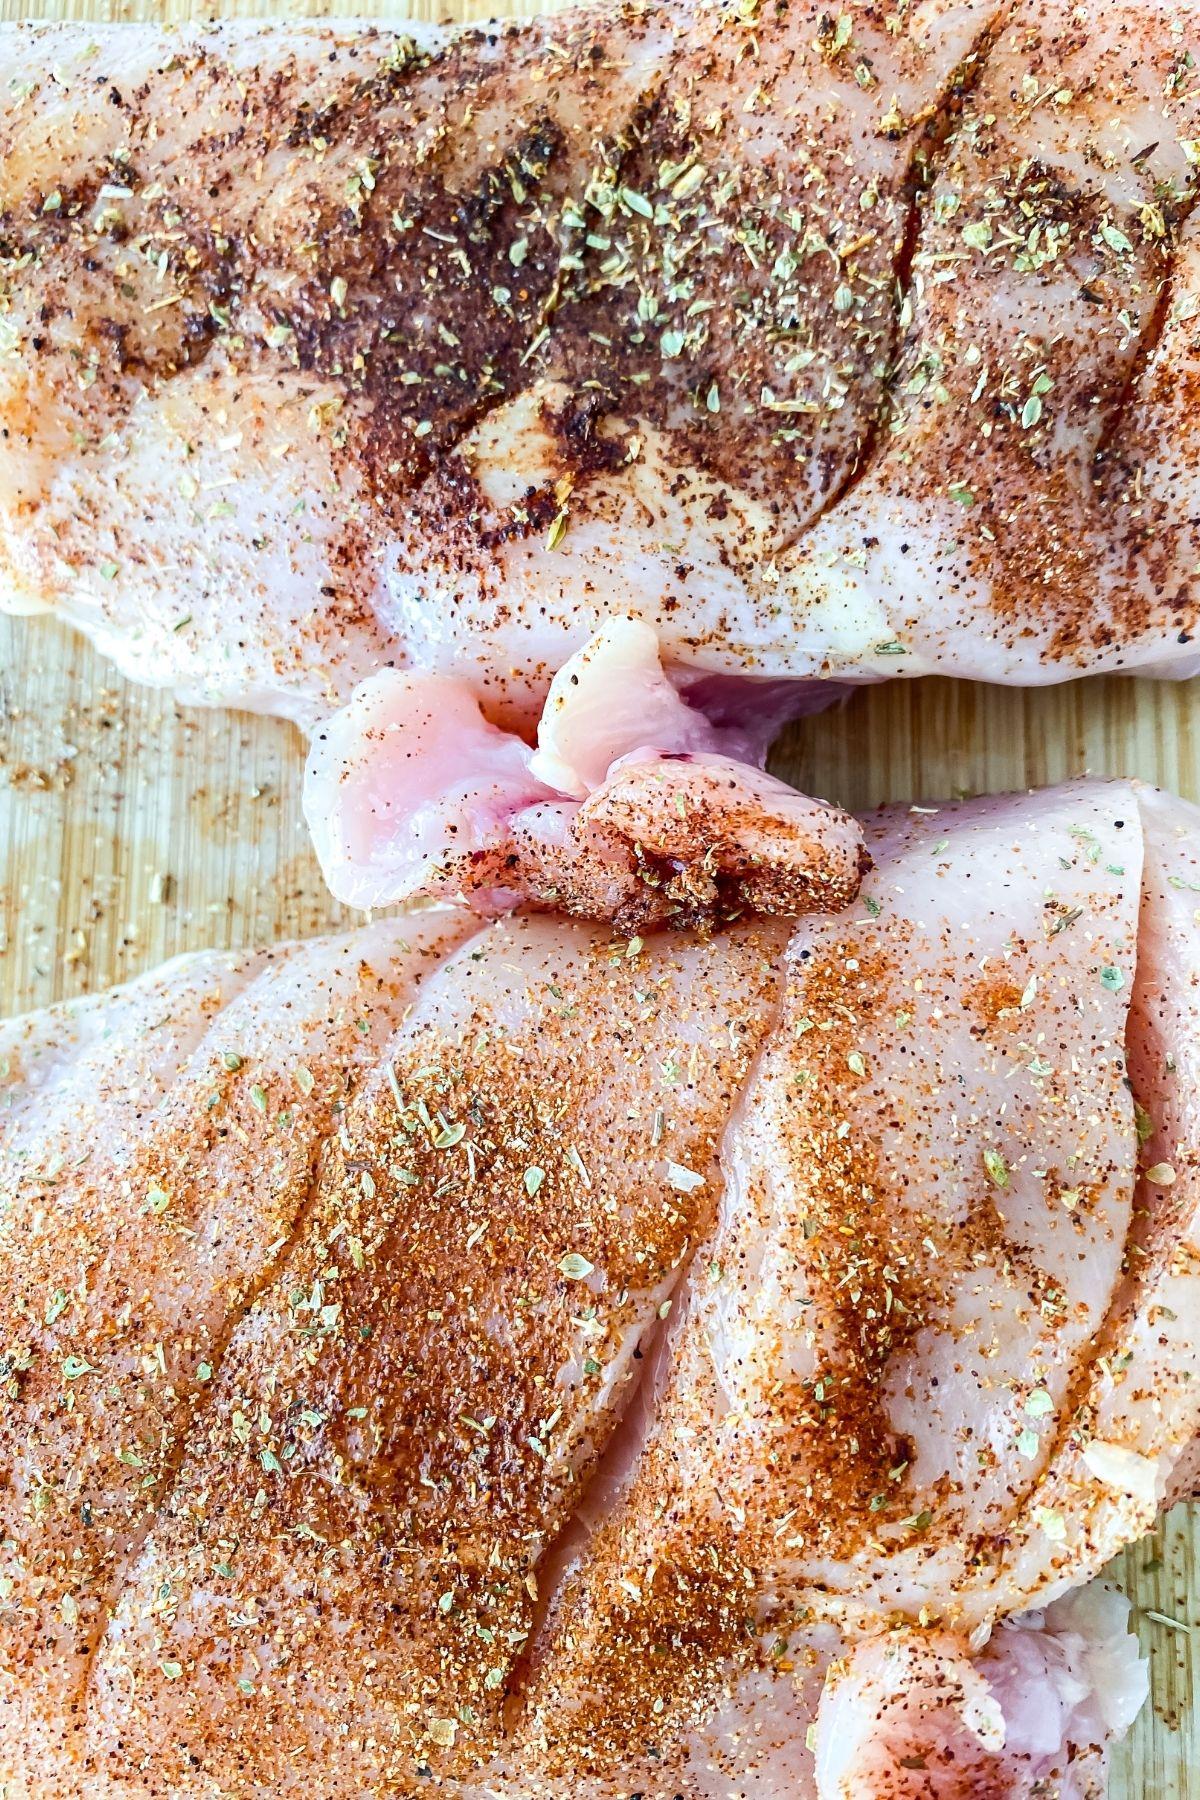 Seasoned chicken breast on cutting board